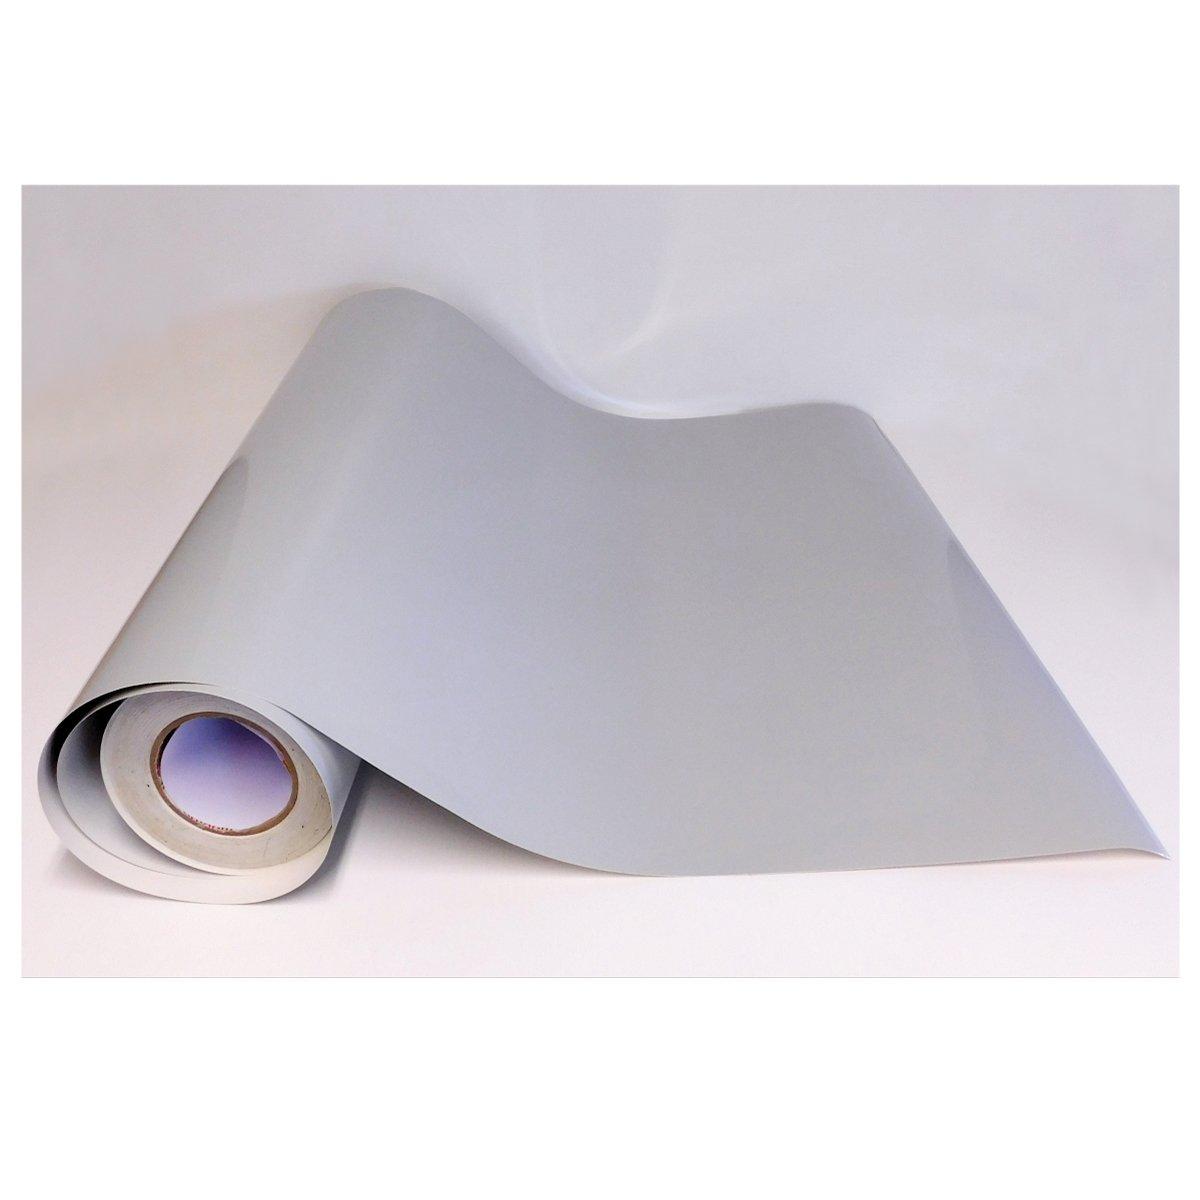 Adzif.biz Le sticker de decoration Rouleau adhé sif - Papier Peint Autocollant - Gris Clair Brillant (1 m x 123 cm) Mactac